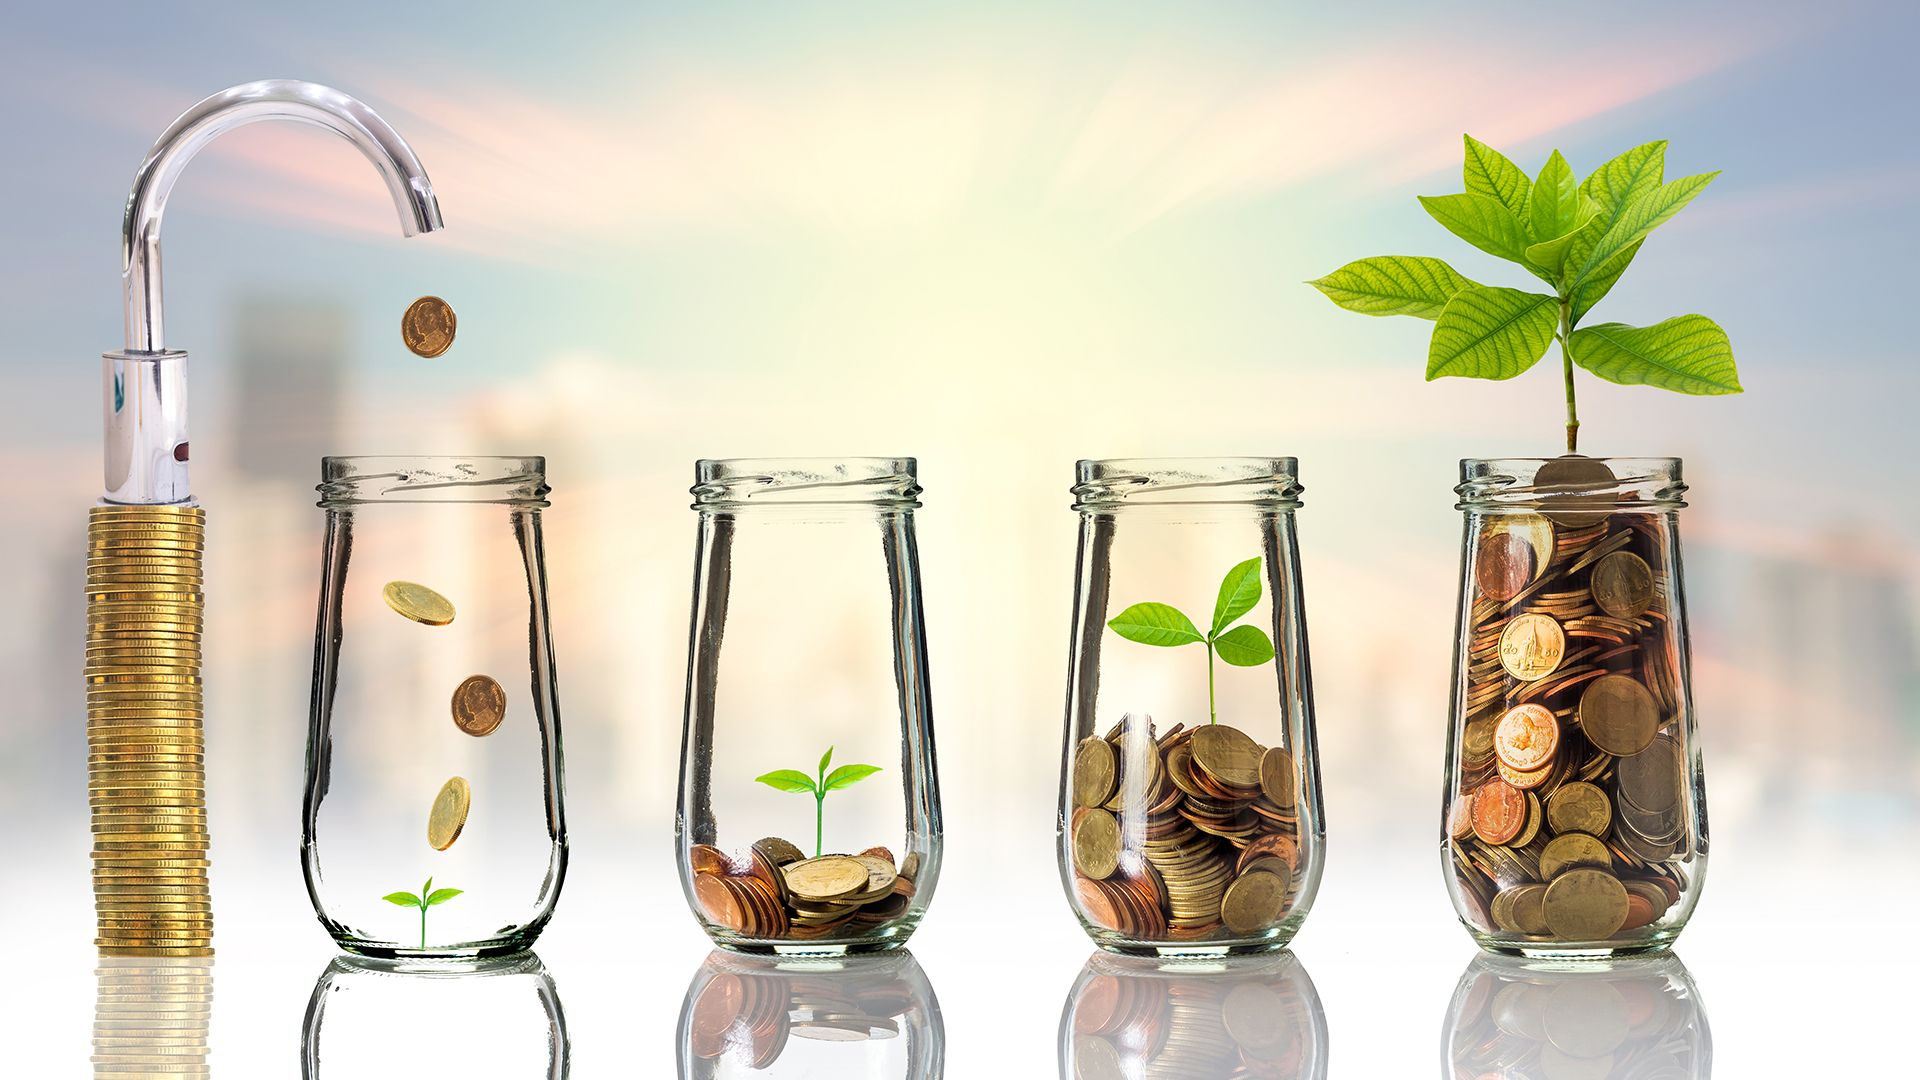 پتانسیل های سرمایه گذاری در ارزهای دیجیتال